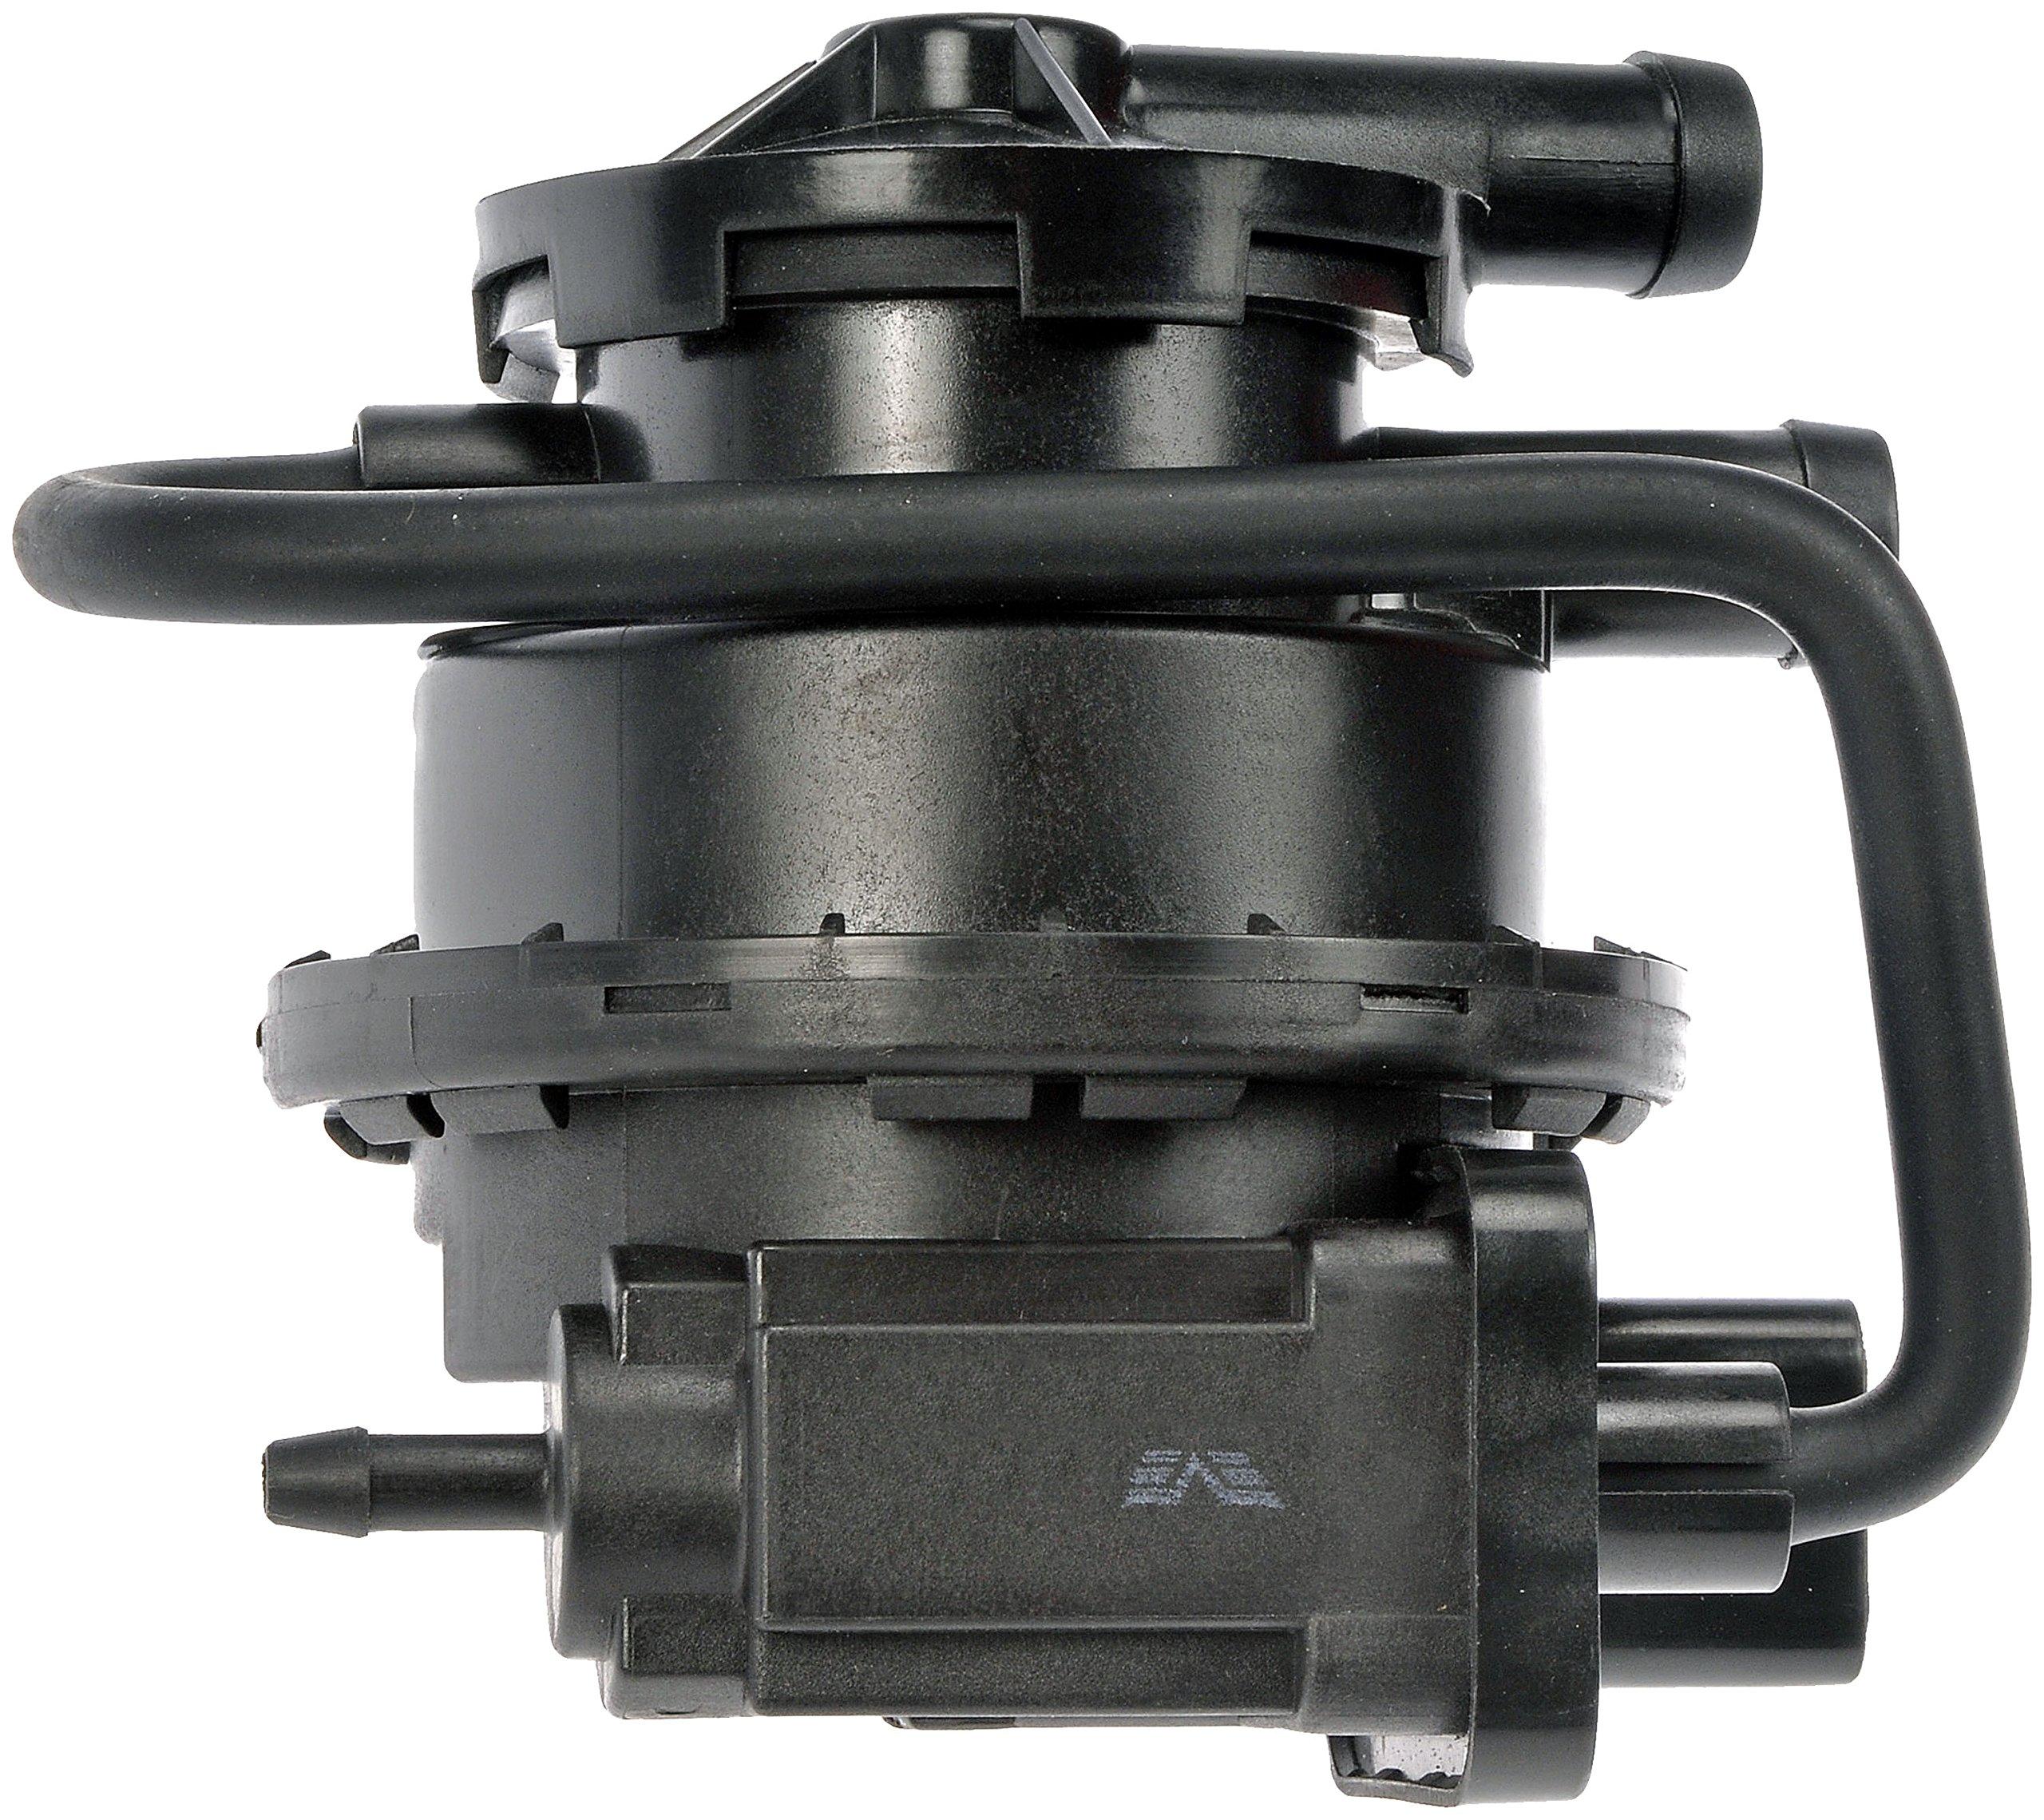 Dorman 310-204 Fuel Vapor Leak Detection Pump by Dorman (Image #3)